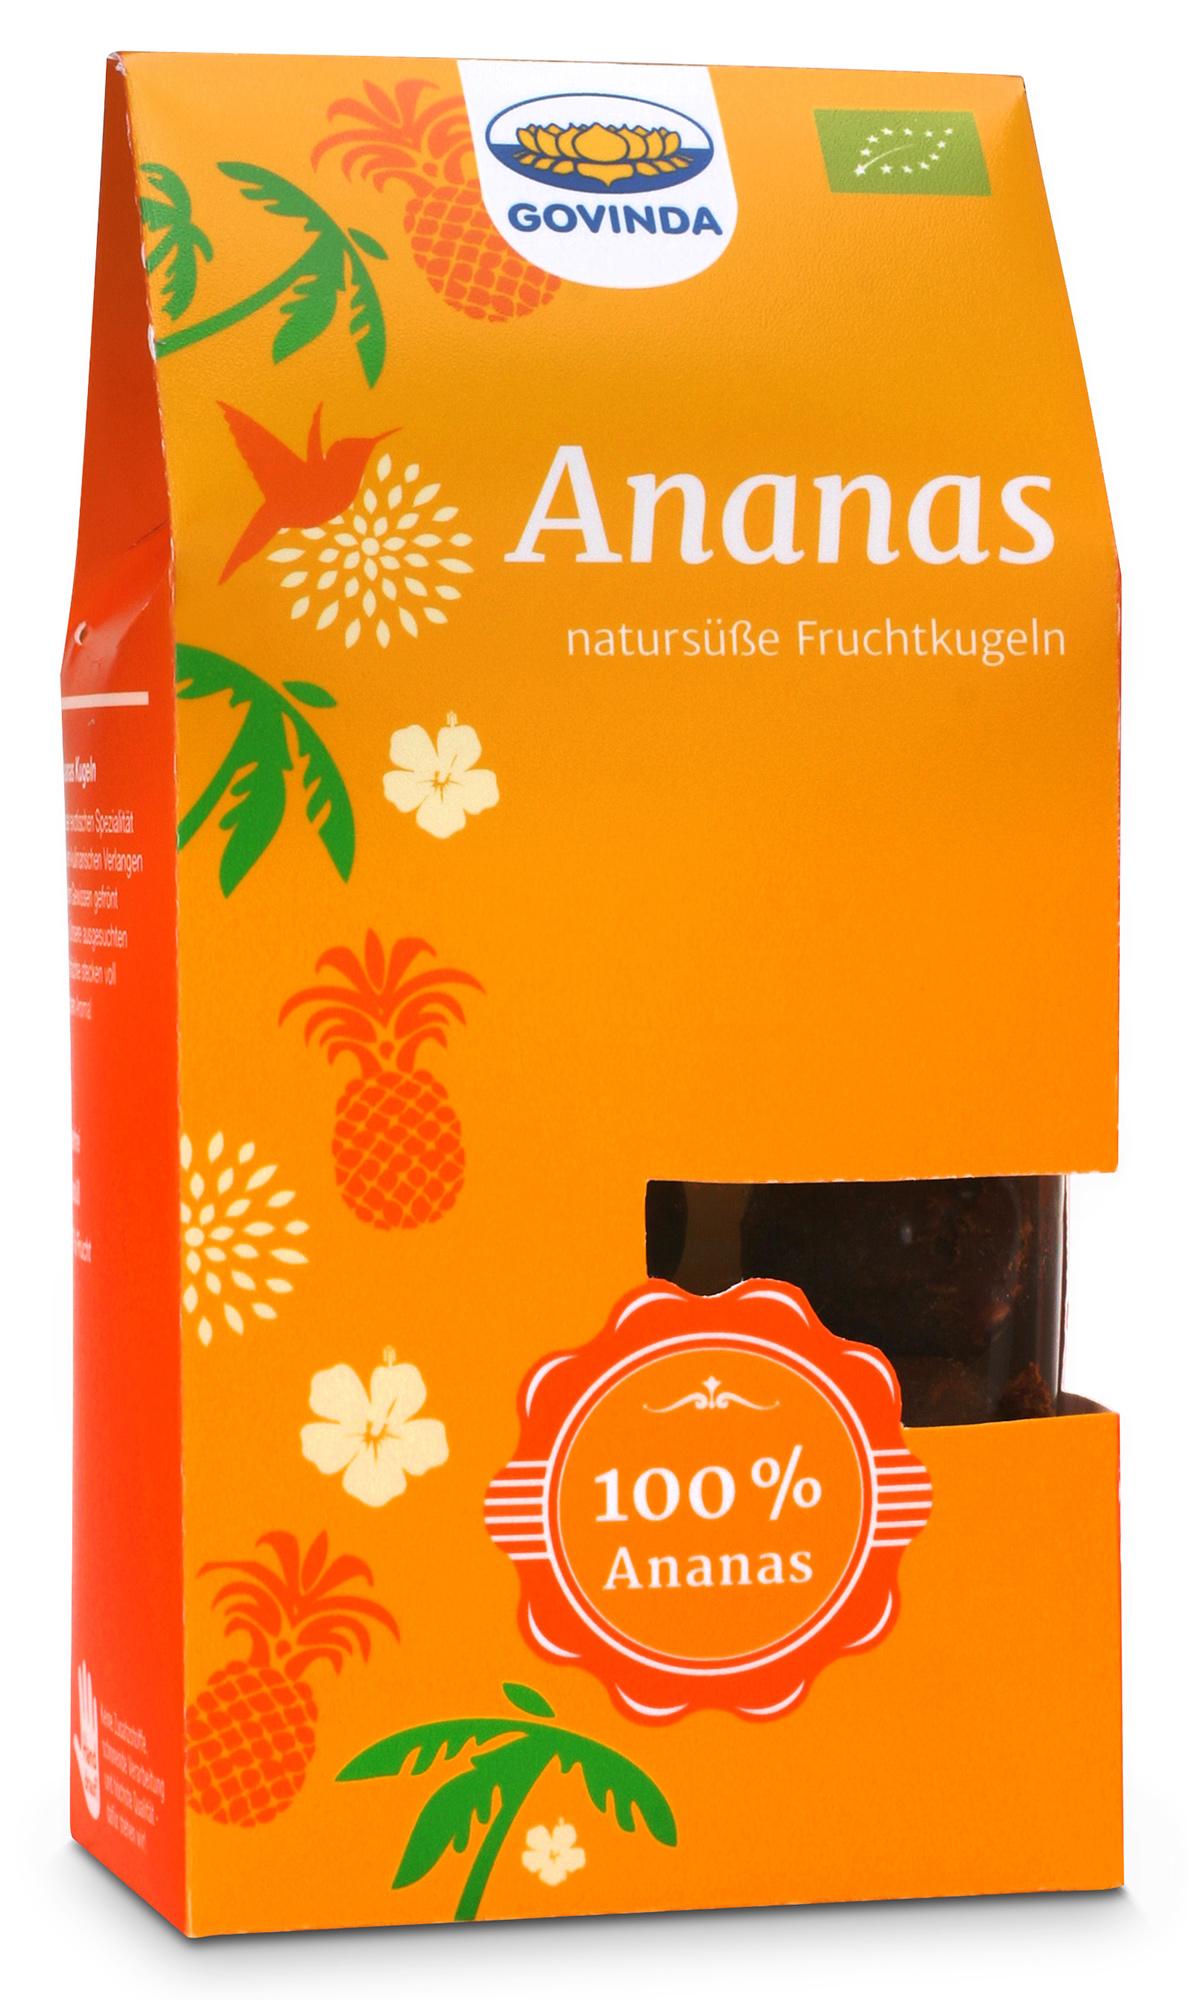 Bio Ananas Kugeln, 120 g im AYURDEVA kaufen   Ayurveda Ernährung ...